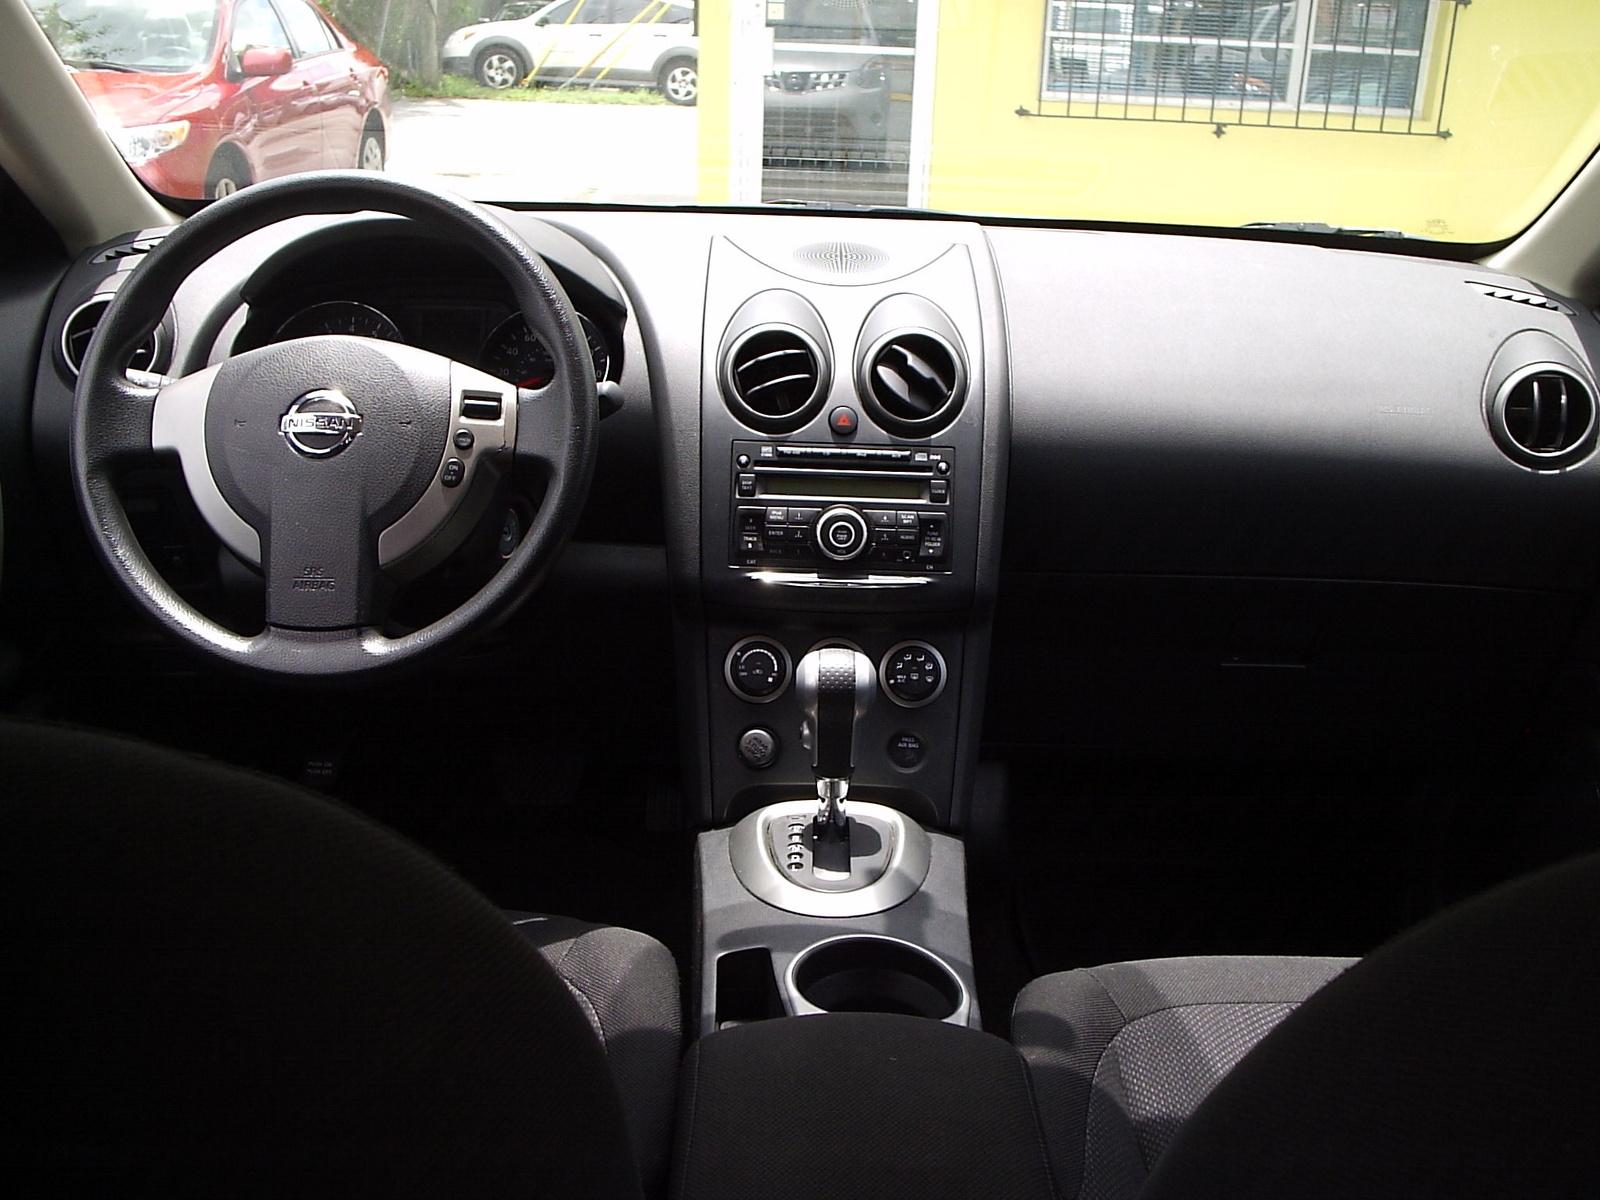 Honda Of Laurel >> 2011 Nissan Rogue - Interior Pictures - CarGurus